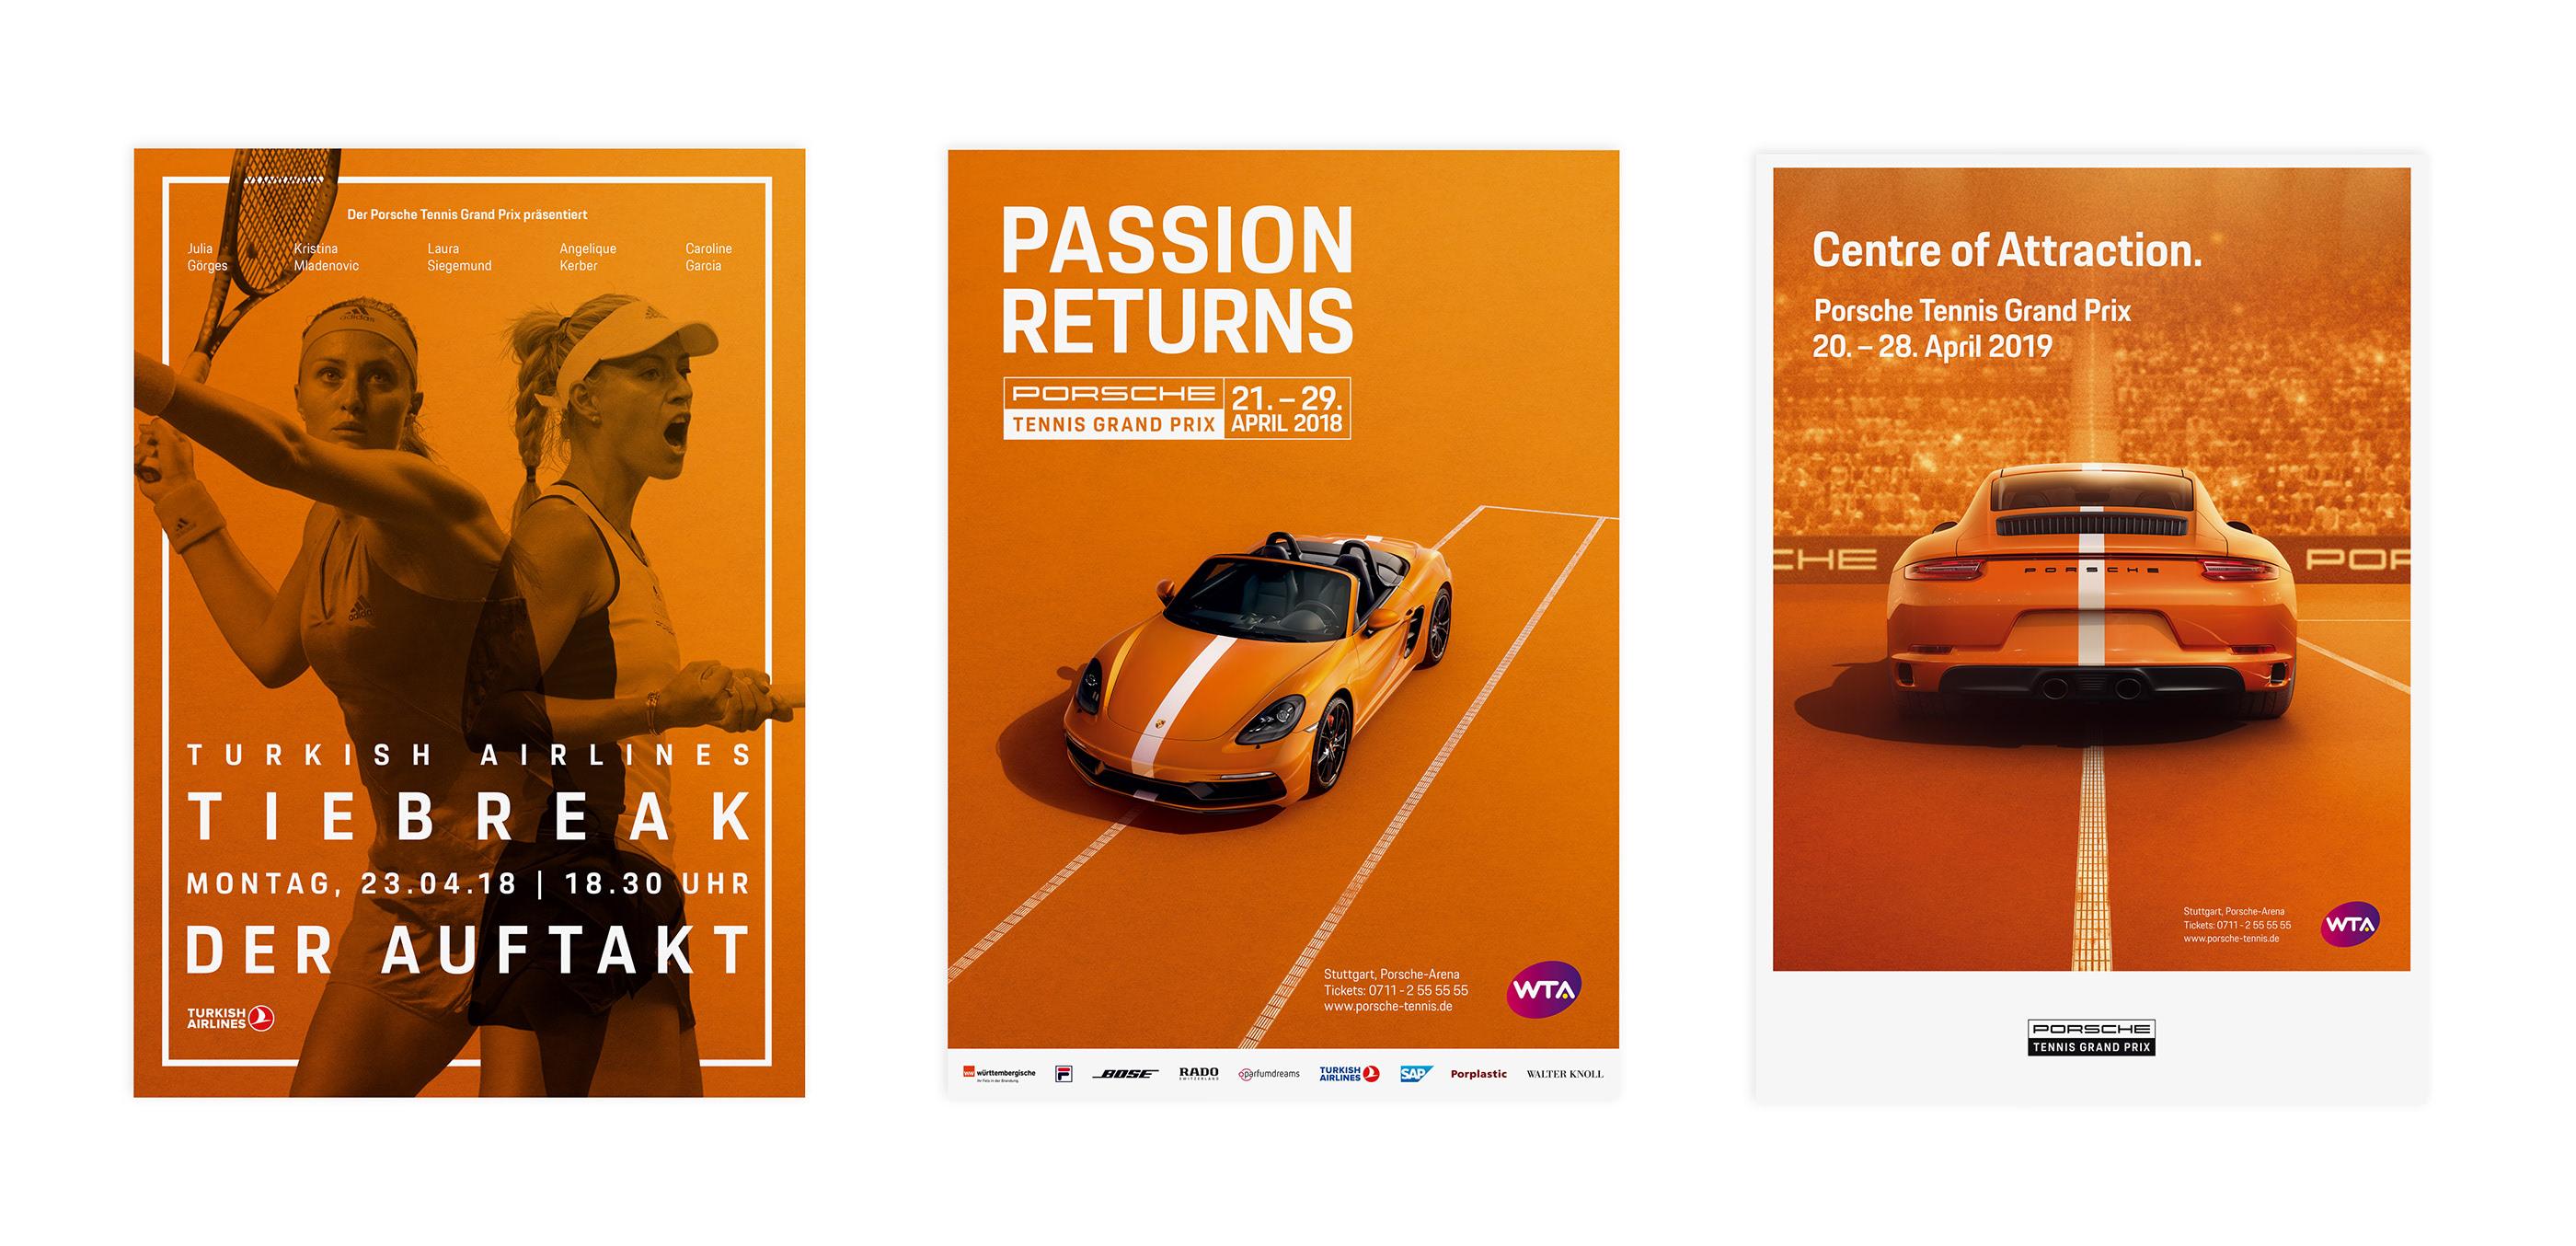 Porsche Tennis Grand Prix Event Vermarktung On Behance